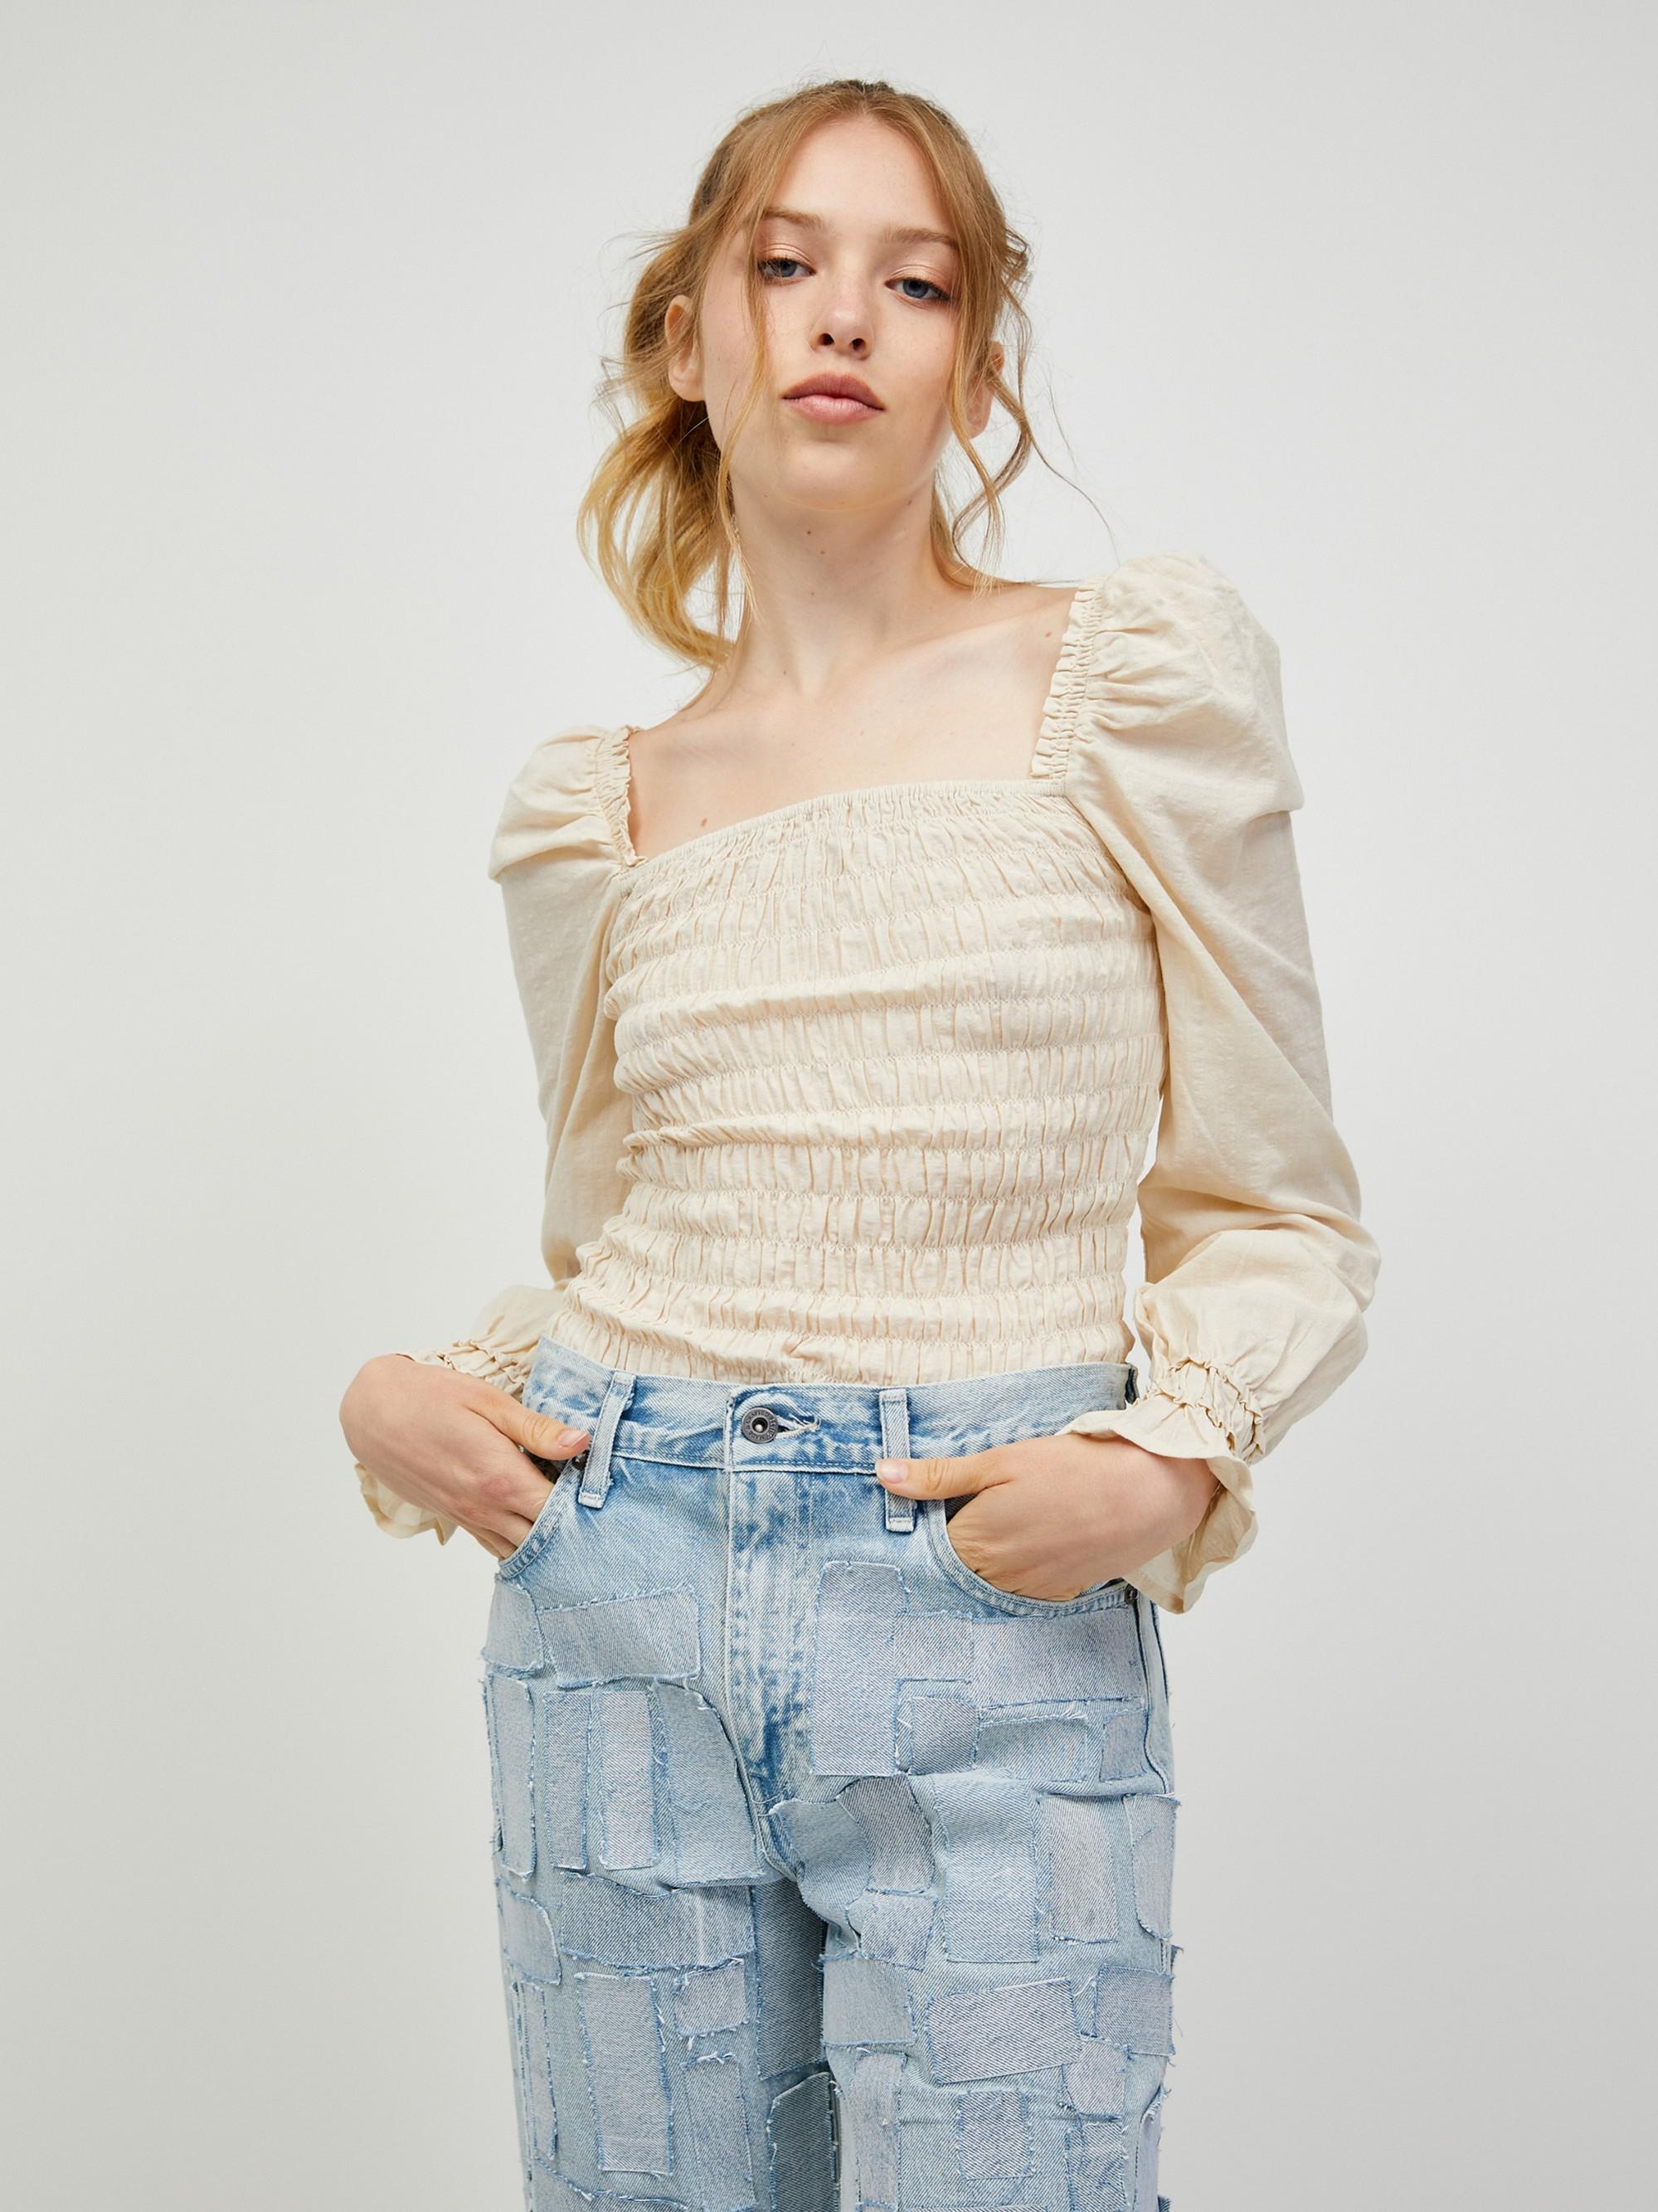 Vero Moda cream / cream blouse Doro